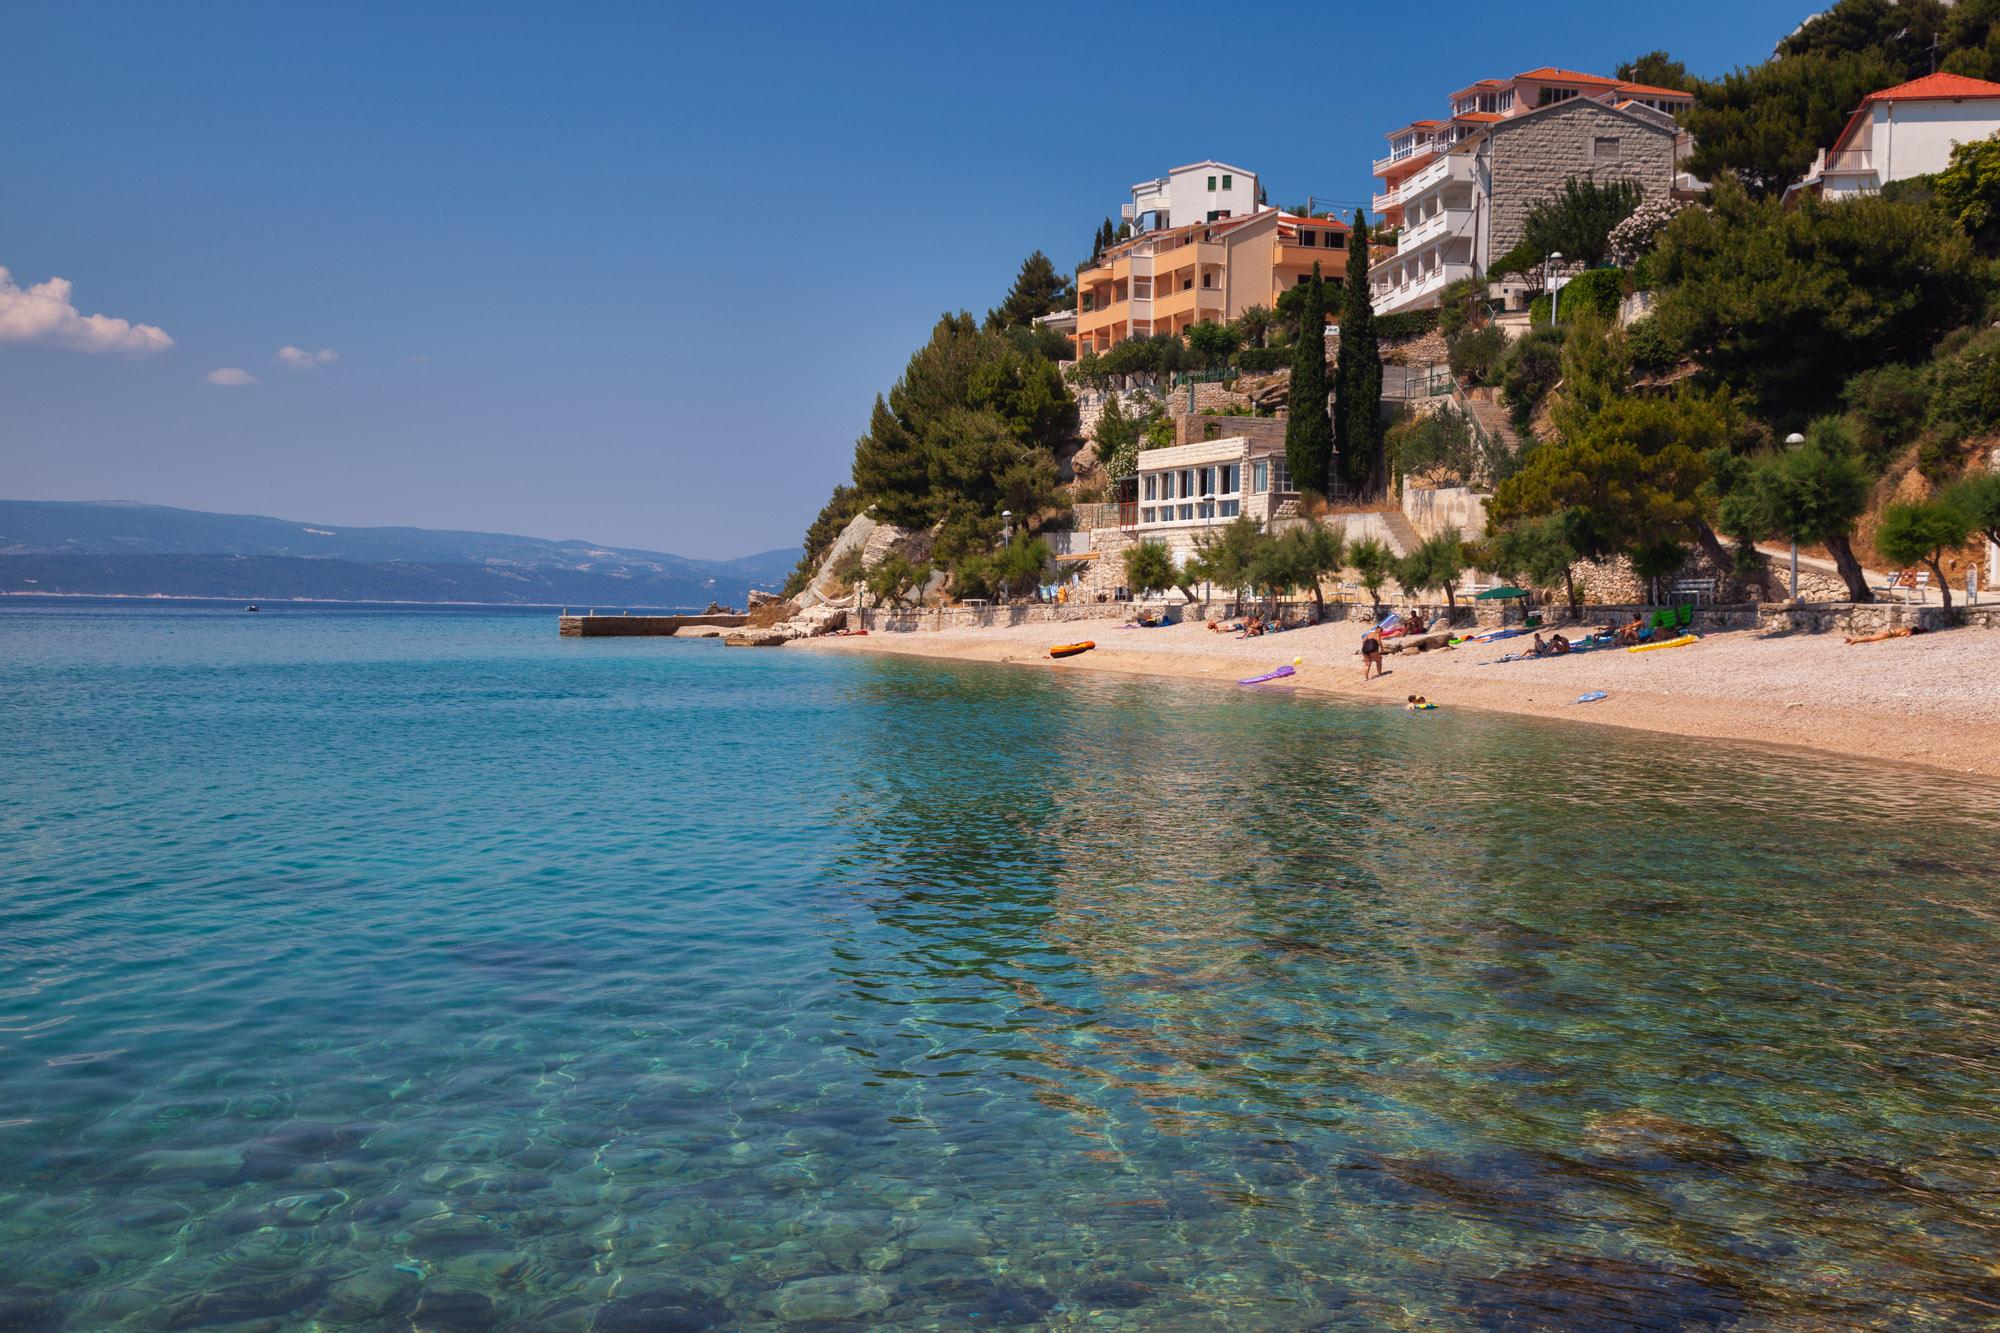 Adriatic Beach, Mimice, Croatia